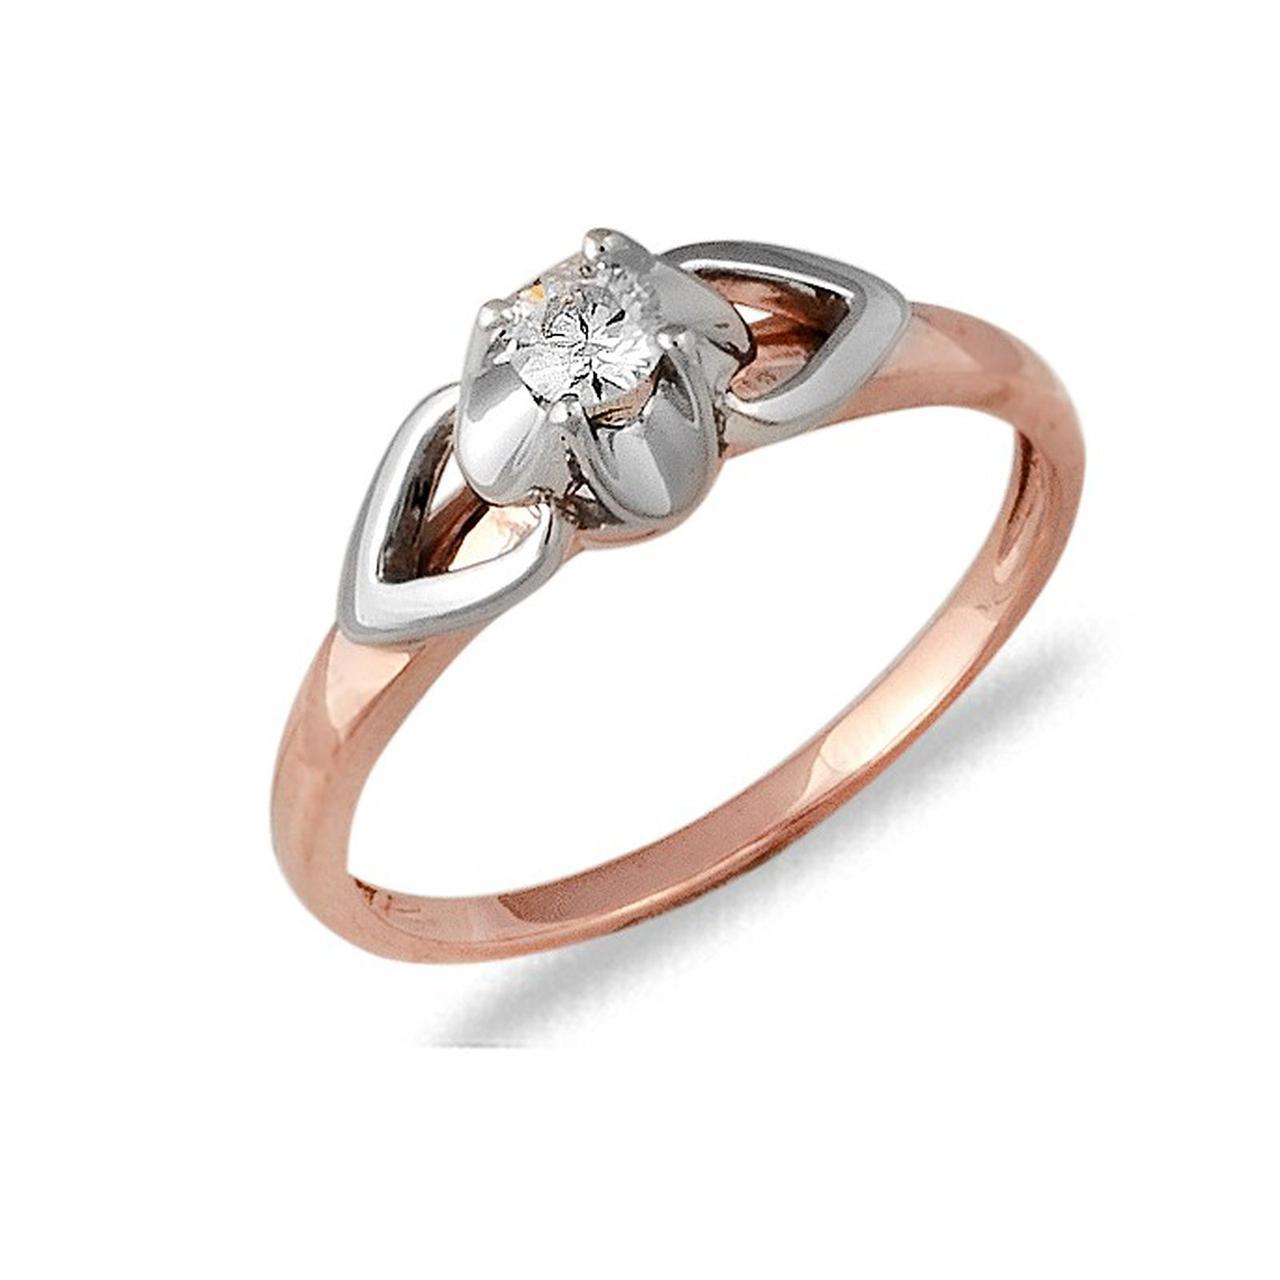 Золотое кольцо с бриллиантом, размер 18 (033103)